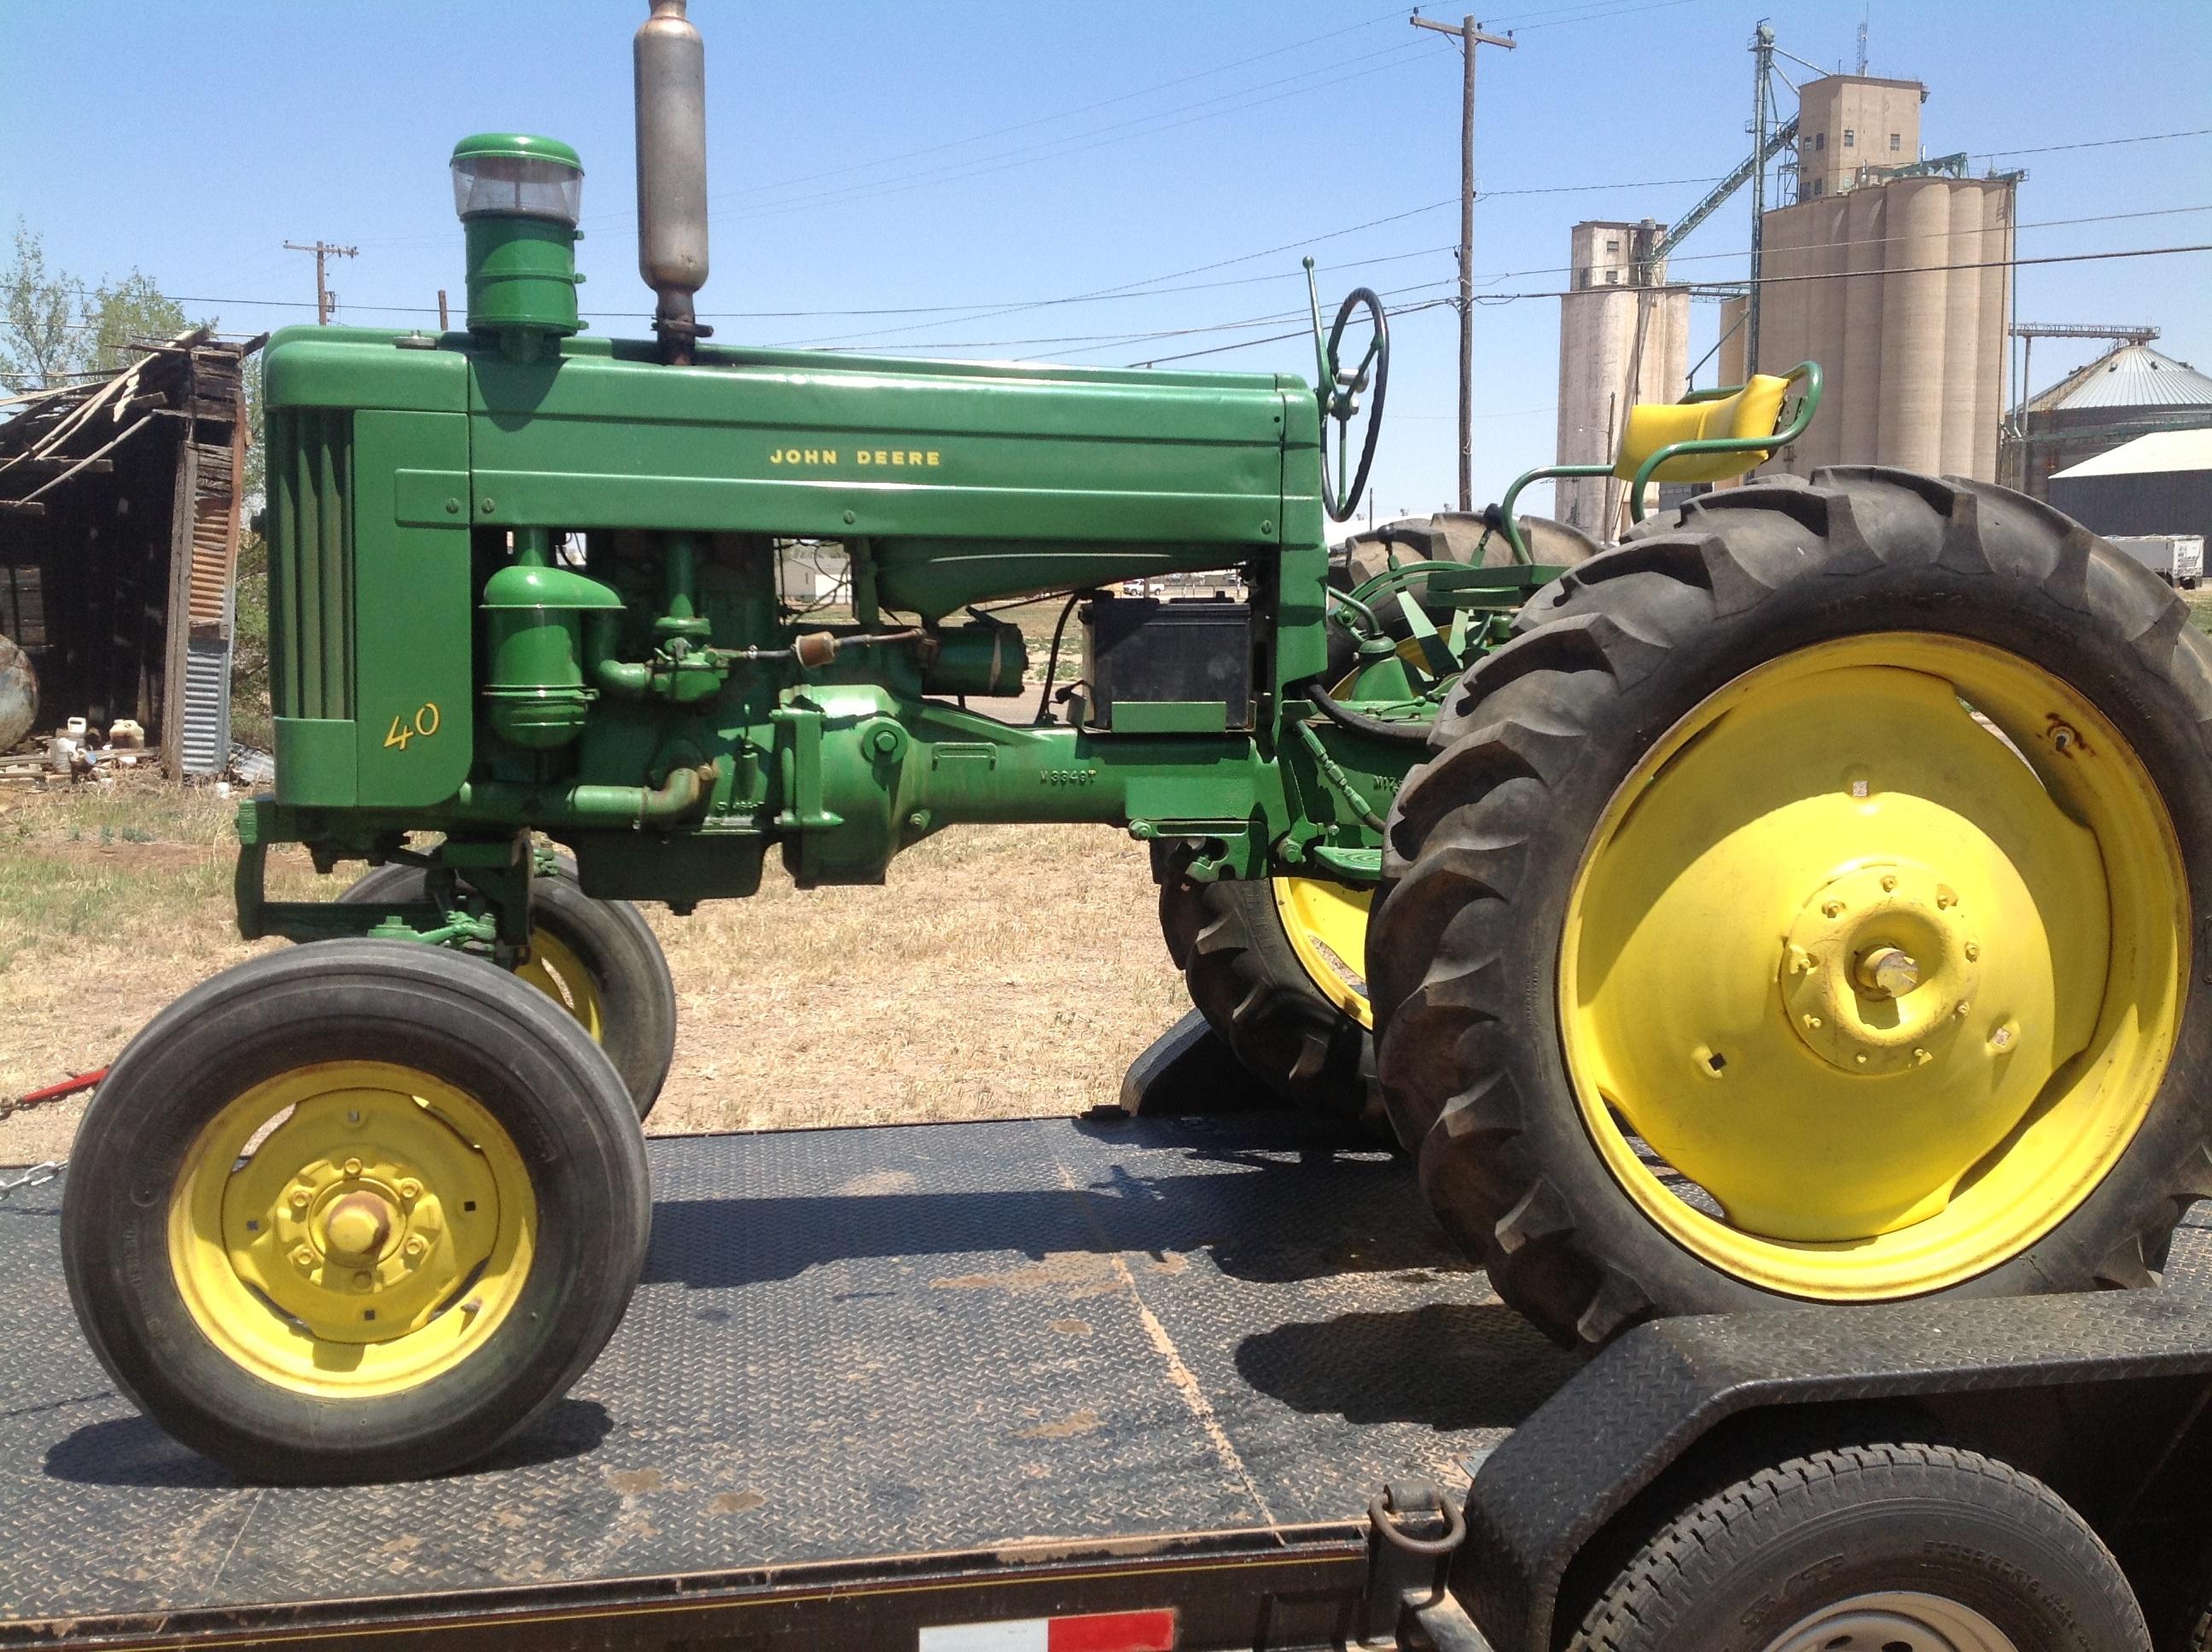 John Deere 40 Huffman Troy S Tractors